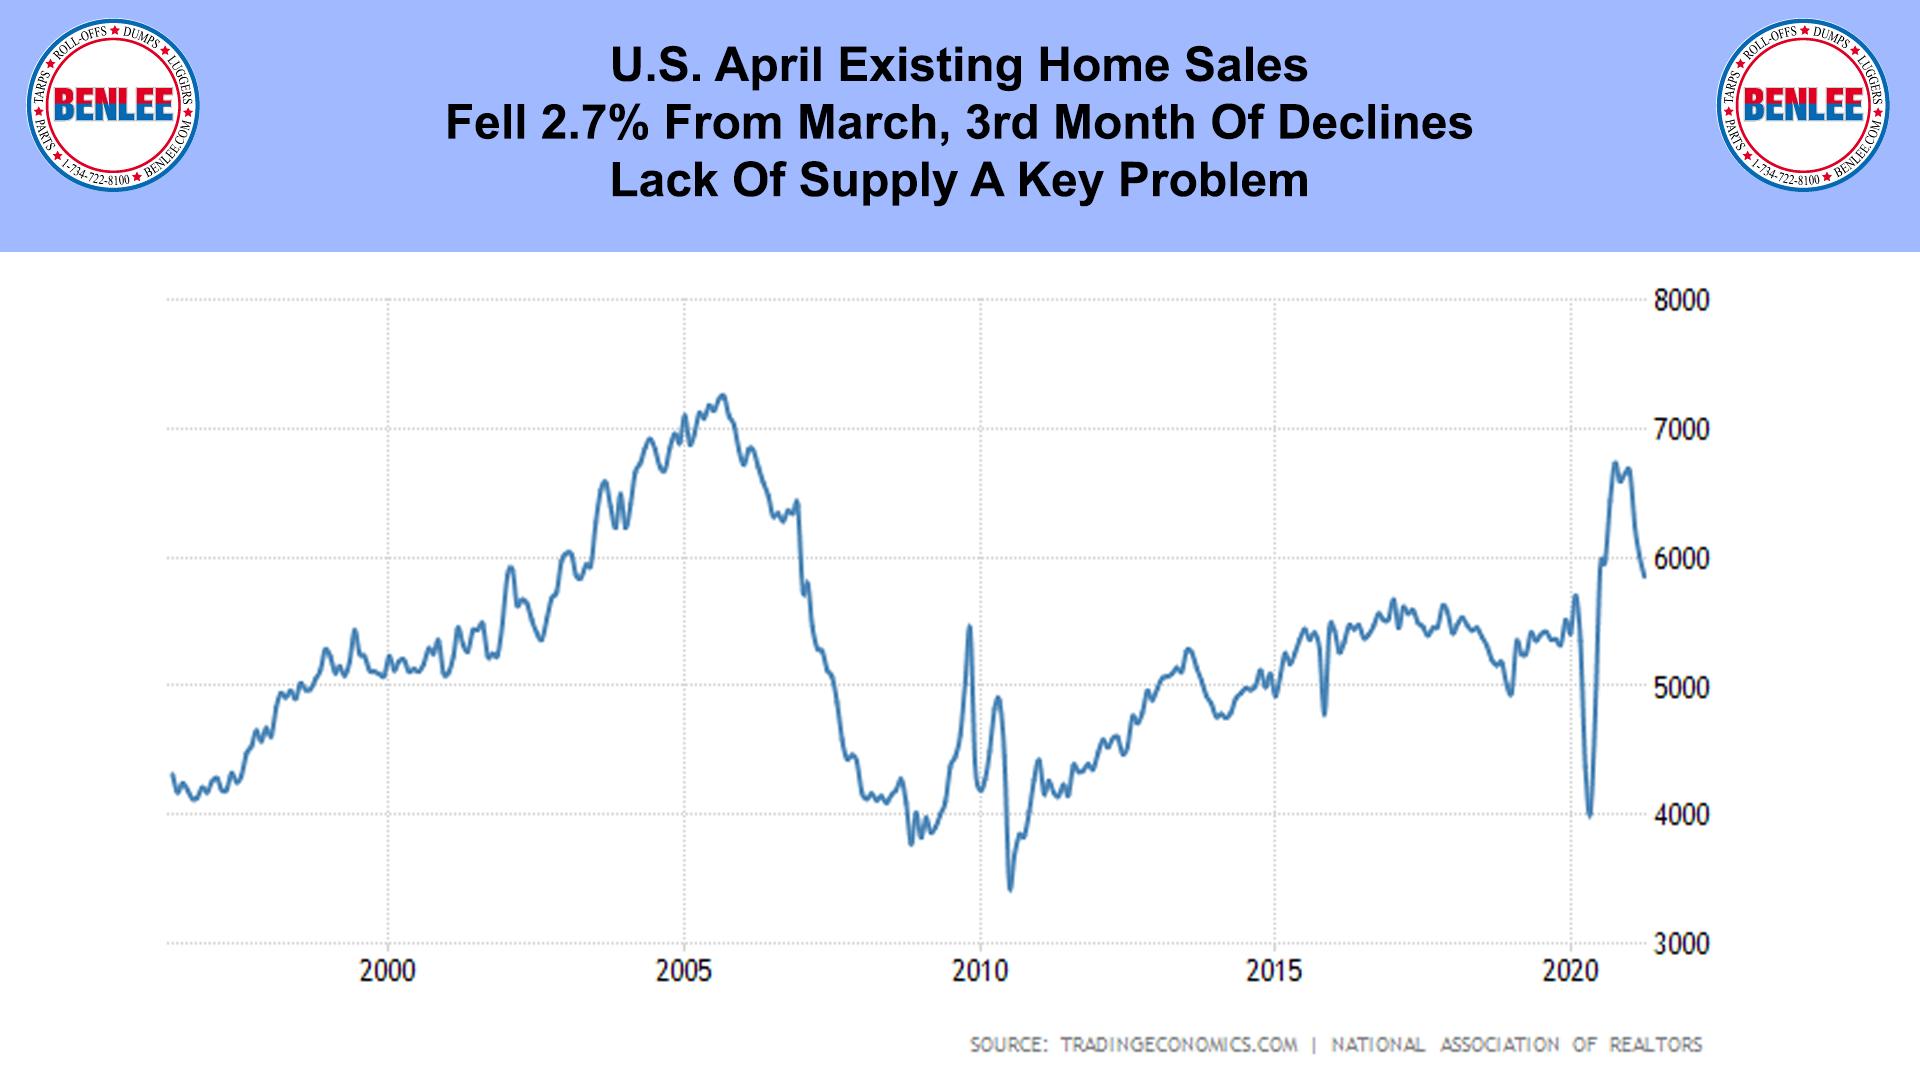 U.S. April Existing Home Sales